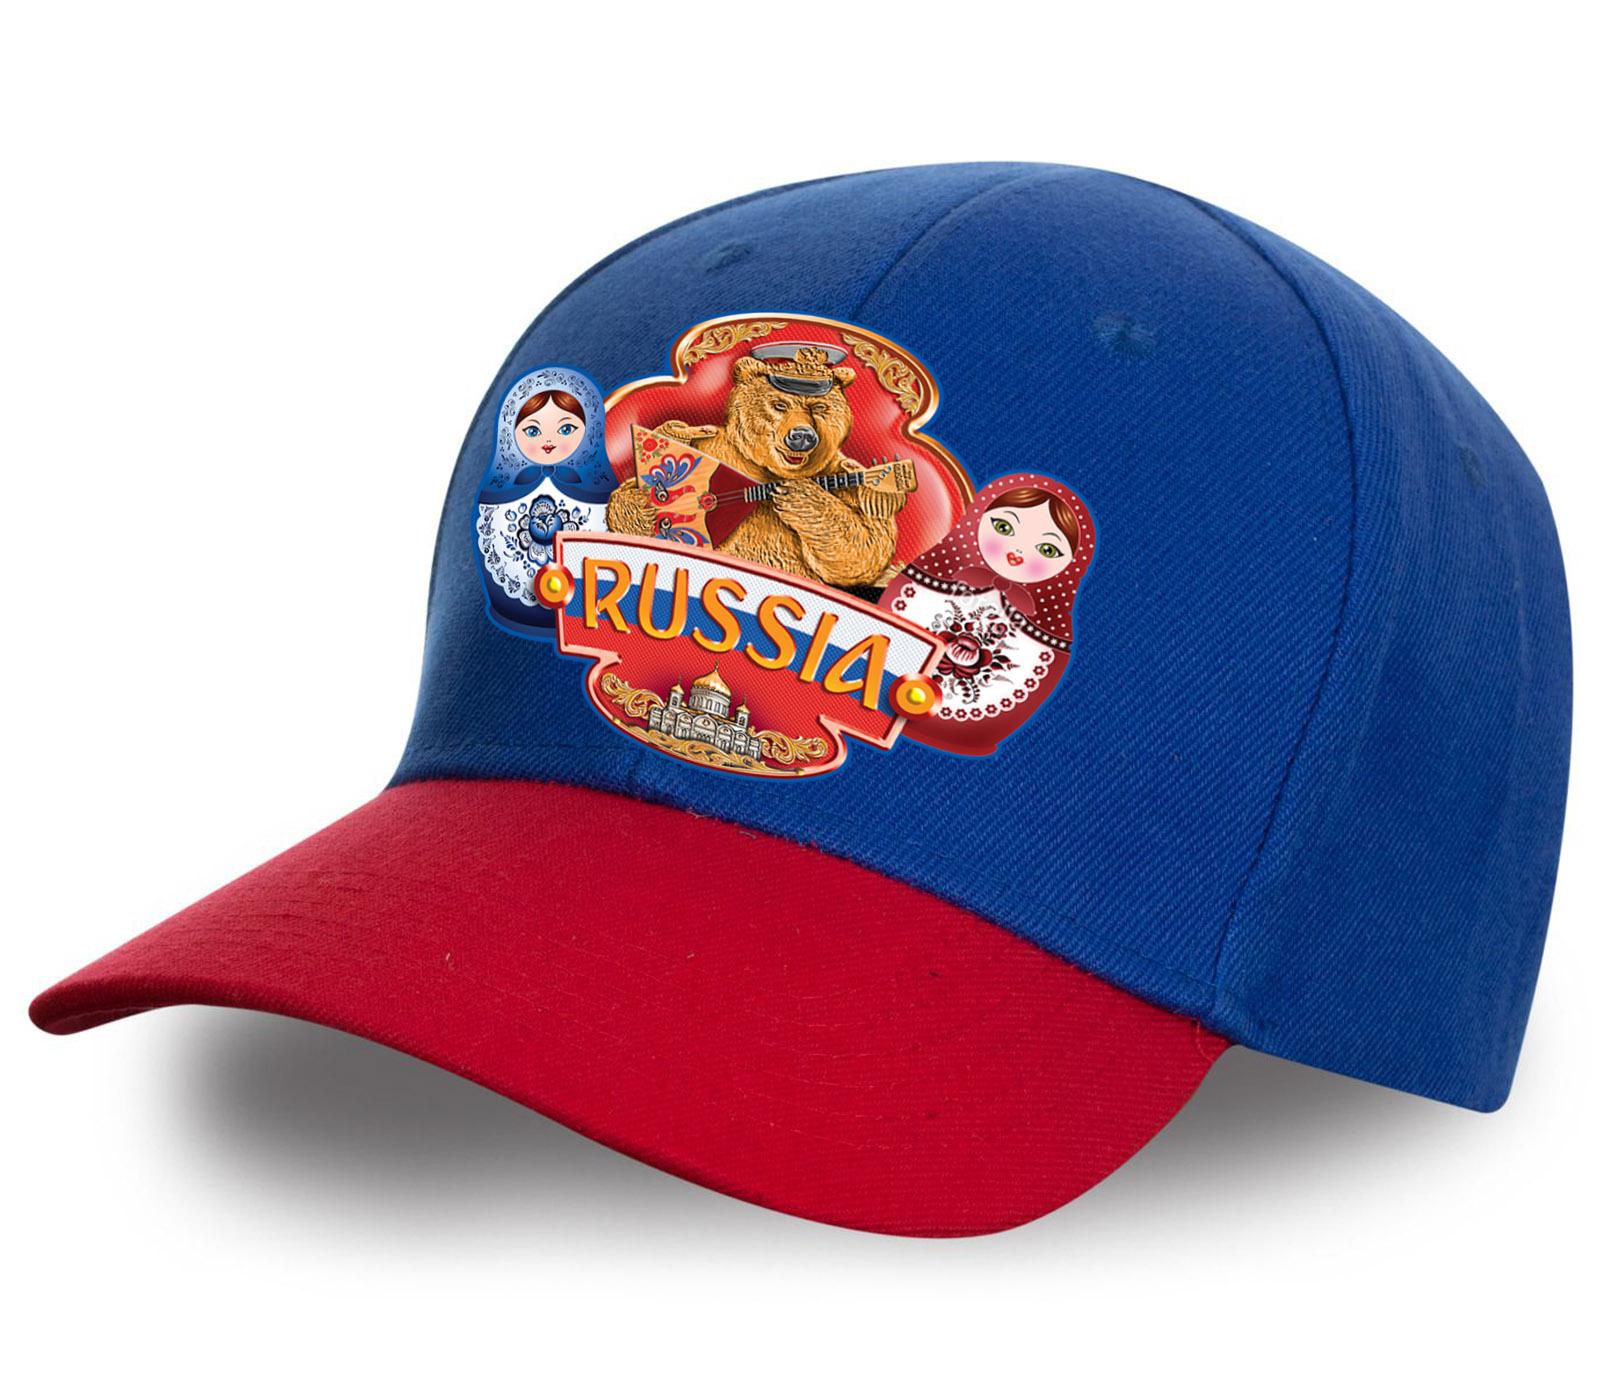 """Современная бейсболка """"Russia"""" красно-синего цвета с эффектным принтом. Модель - хит сезона! Заказывай скорее, пока не разобрали!"""